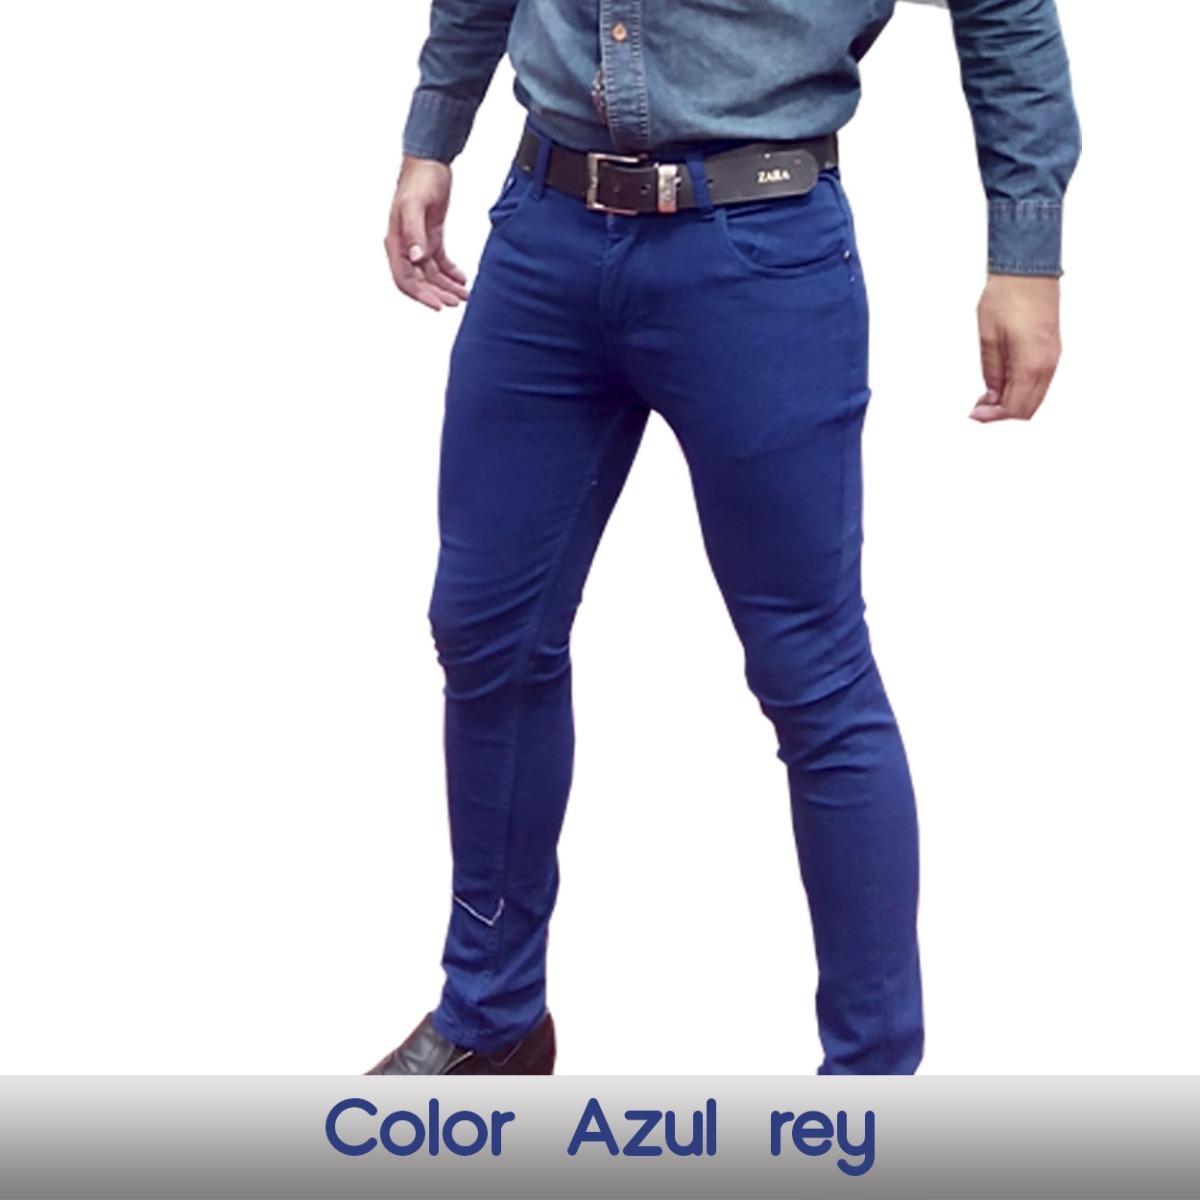 6ec4bd543 Lote De 3 Pantalones Para Hombre Corte Skinny Entubados - $ 750.00 ...